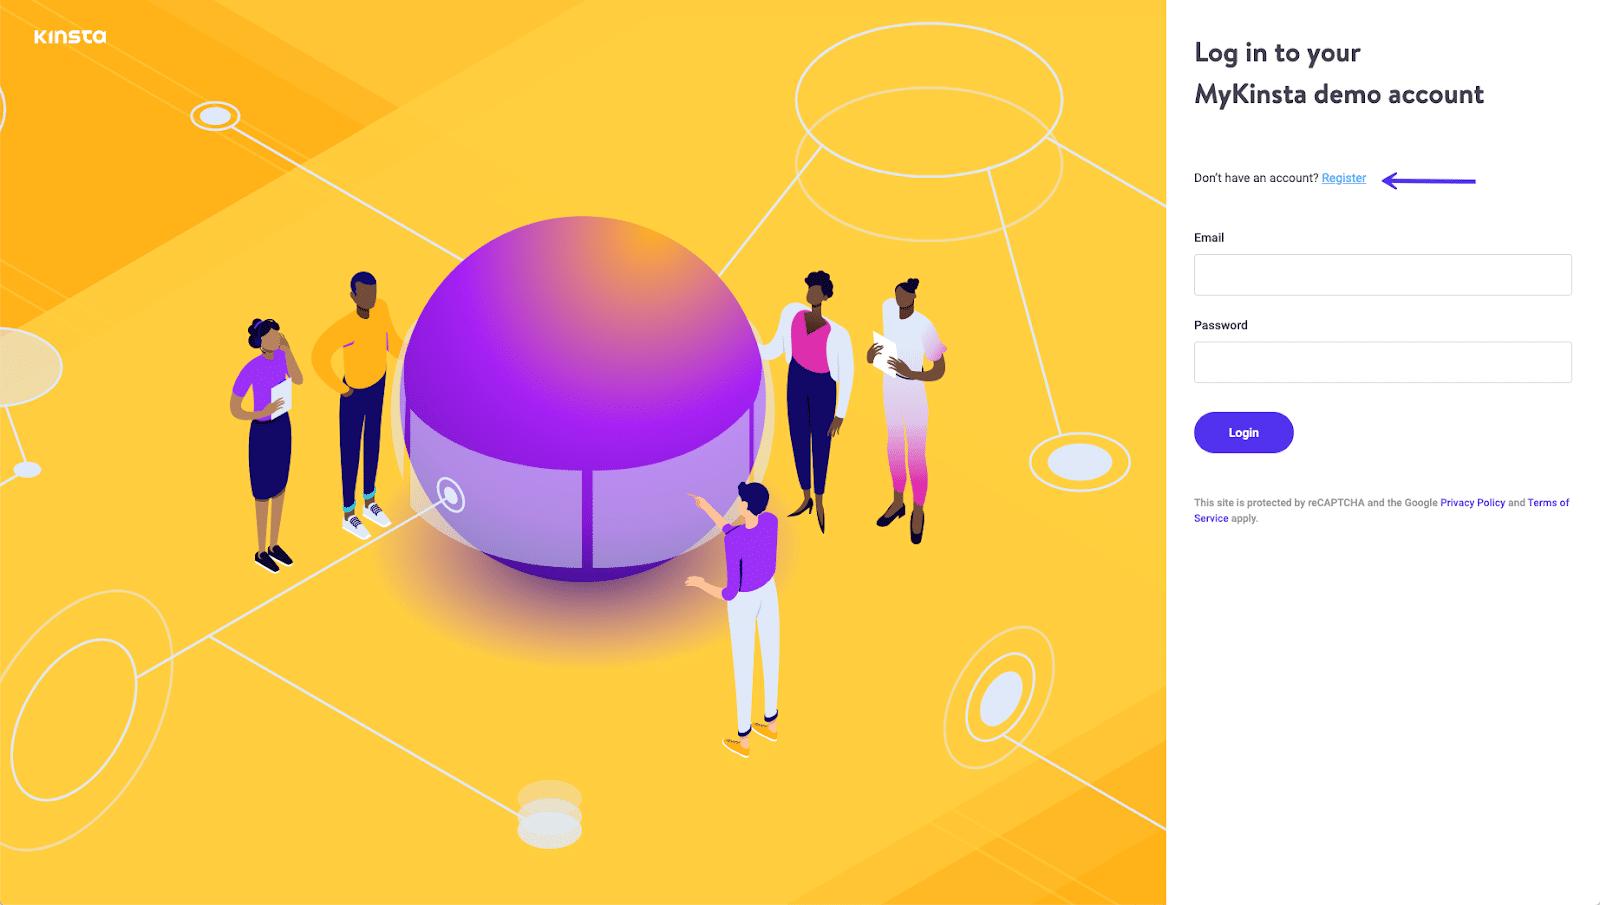 mykinsta demo page